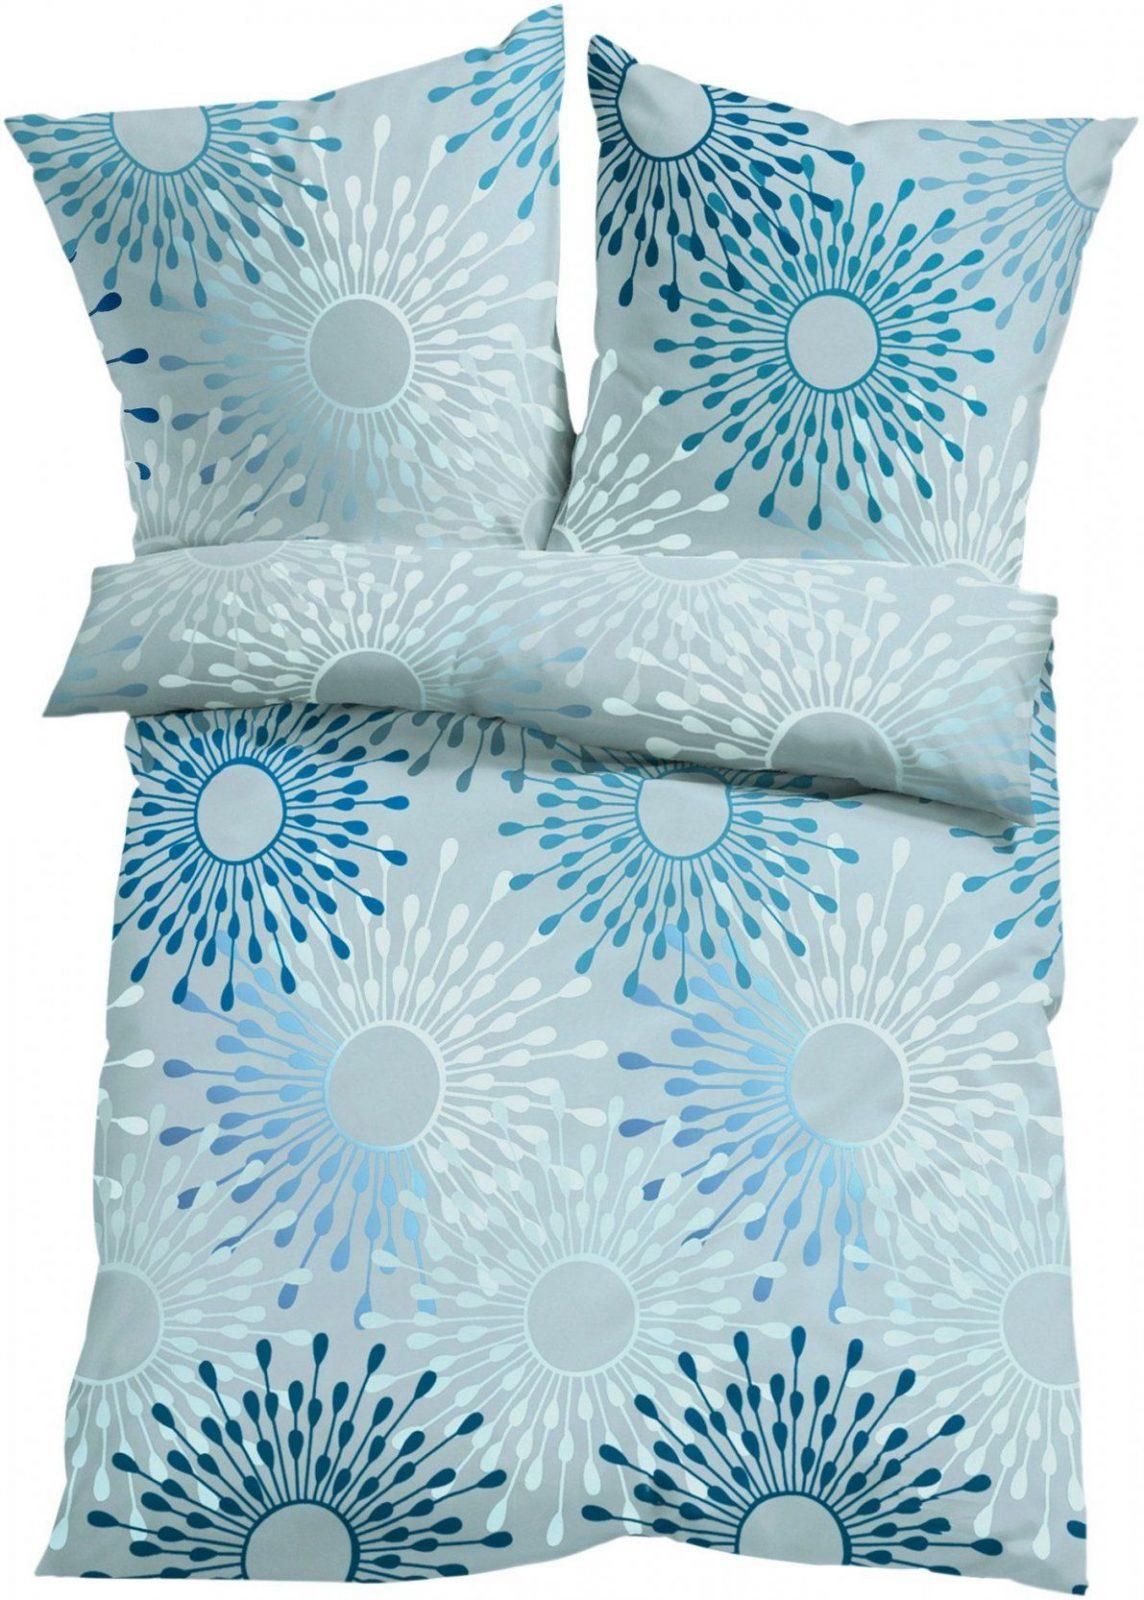 Herrlich Gemütlich Bettwäsche Mit Grafischem Muster von Bettwäsche Bei Bonprix Photo